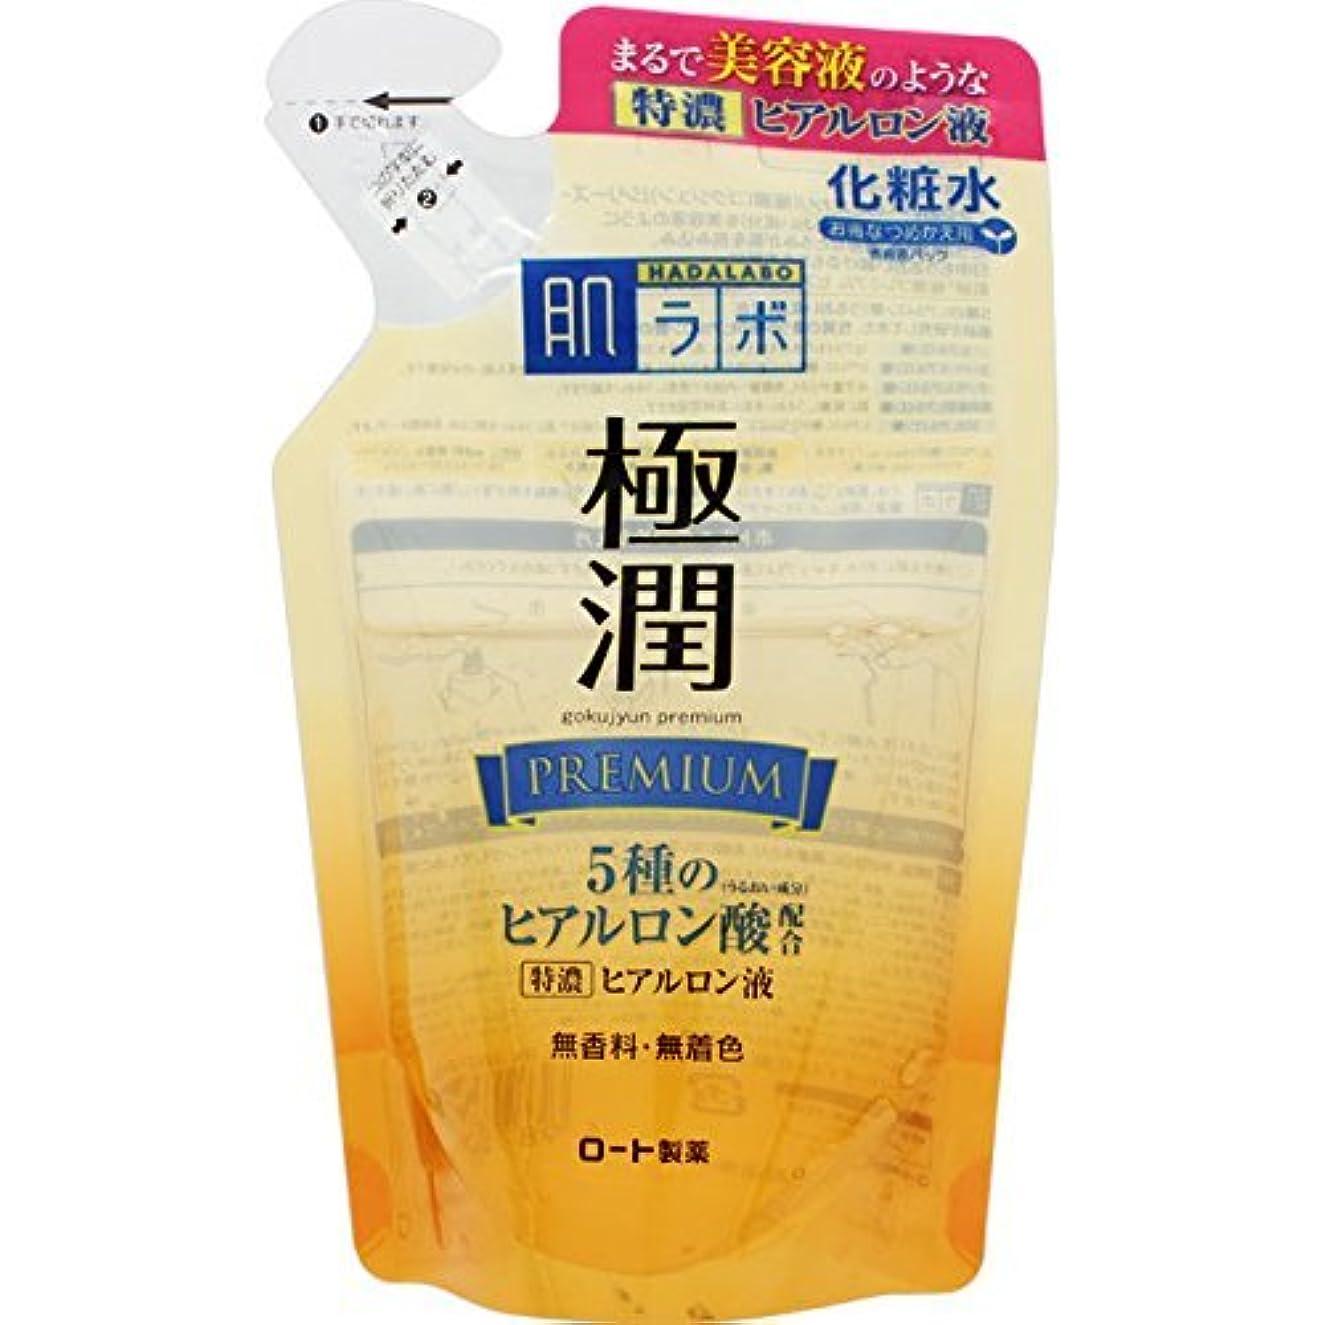 ものエゴマニア有害肌研 極潤プレミアム ヒアルロン液 つめかえ用 170mL